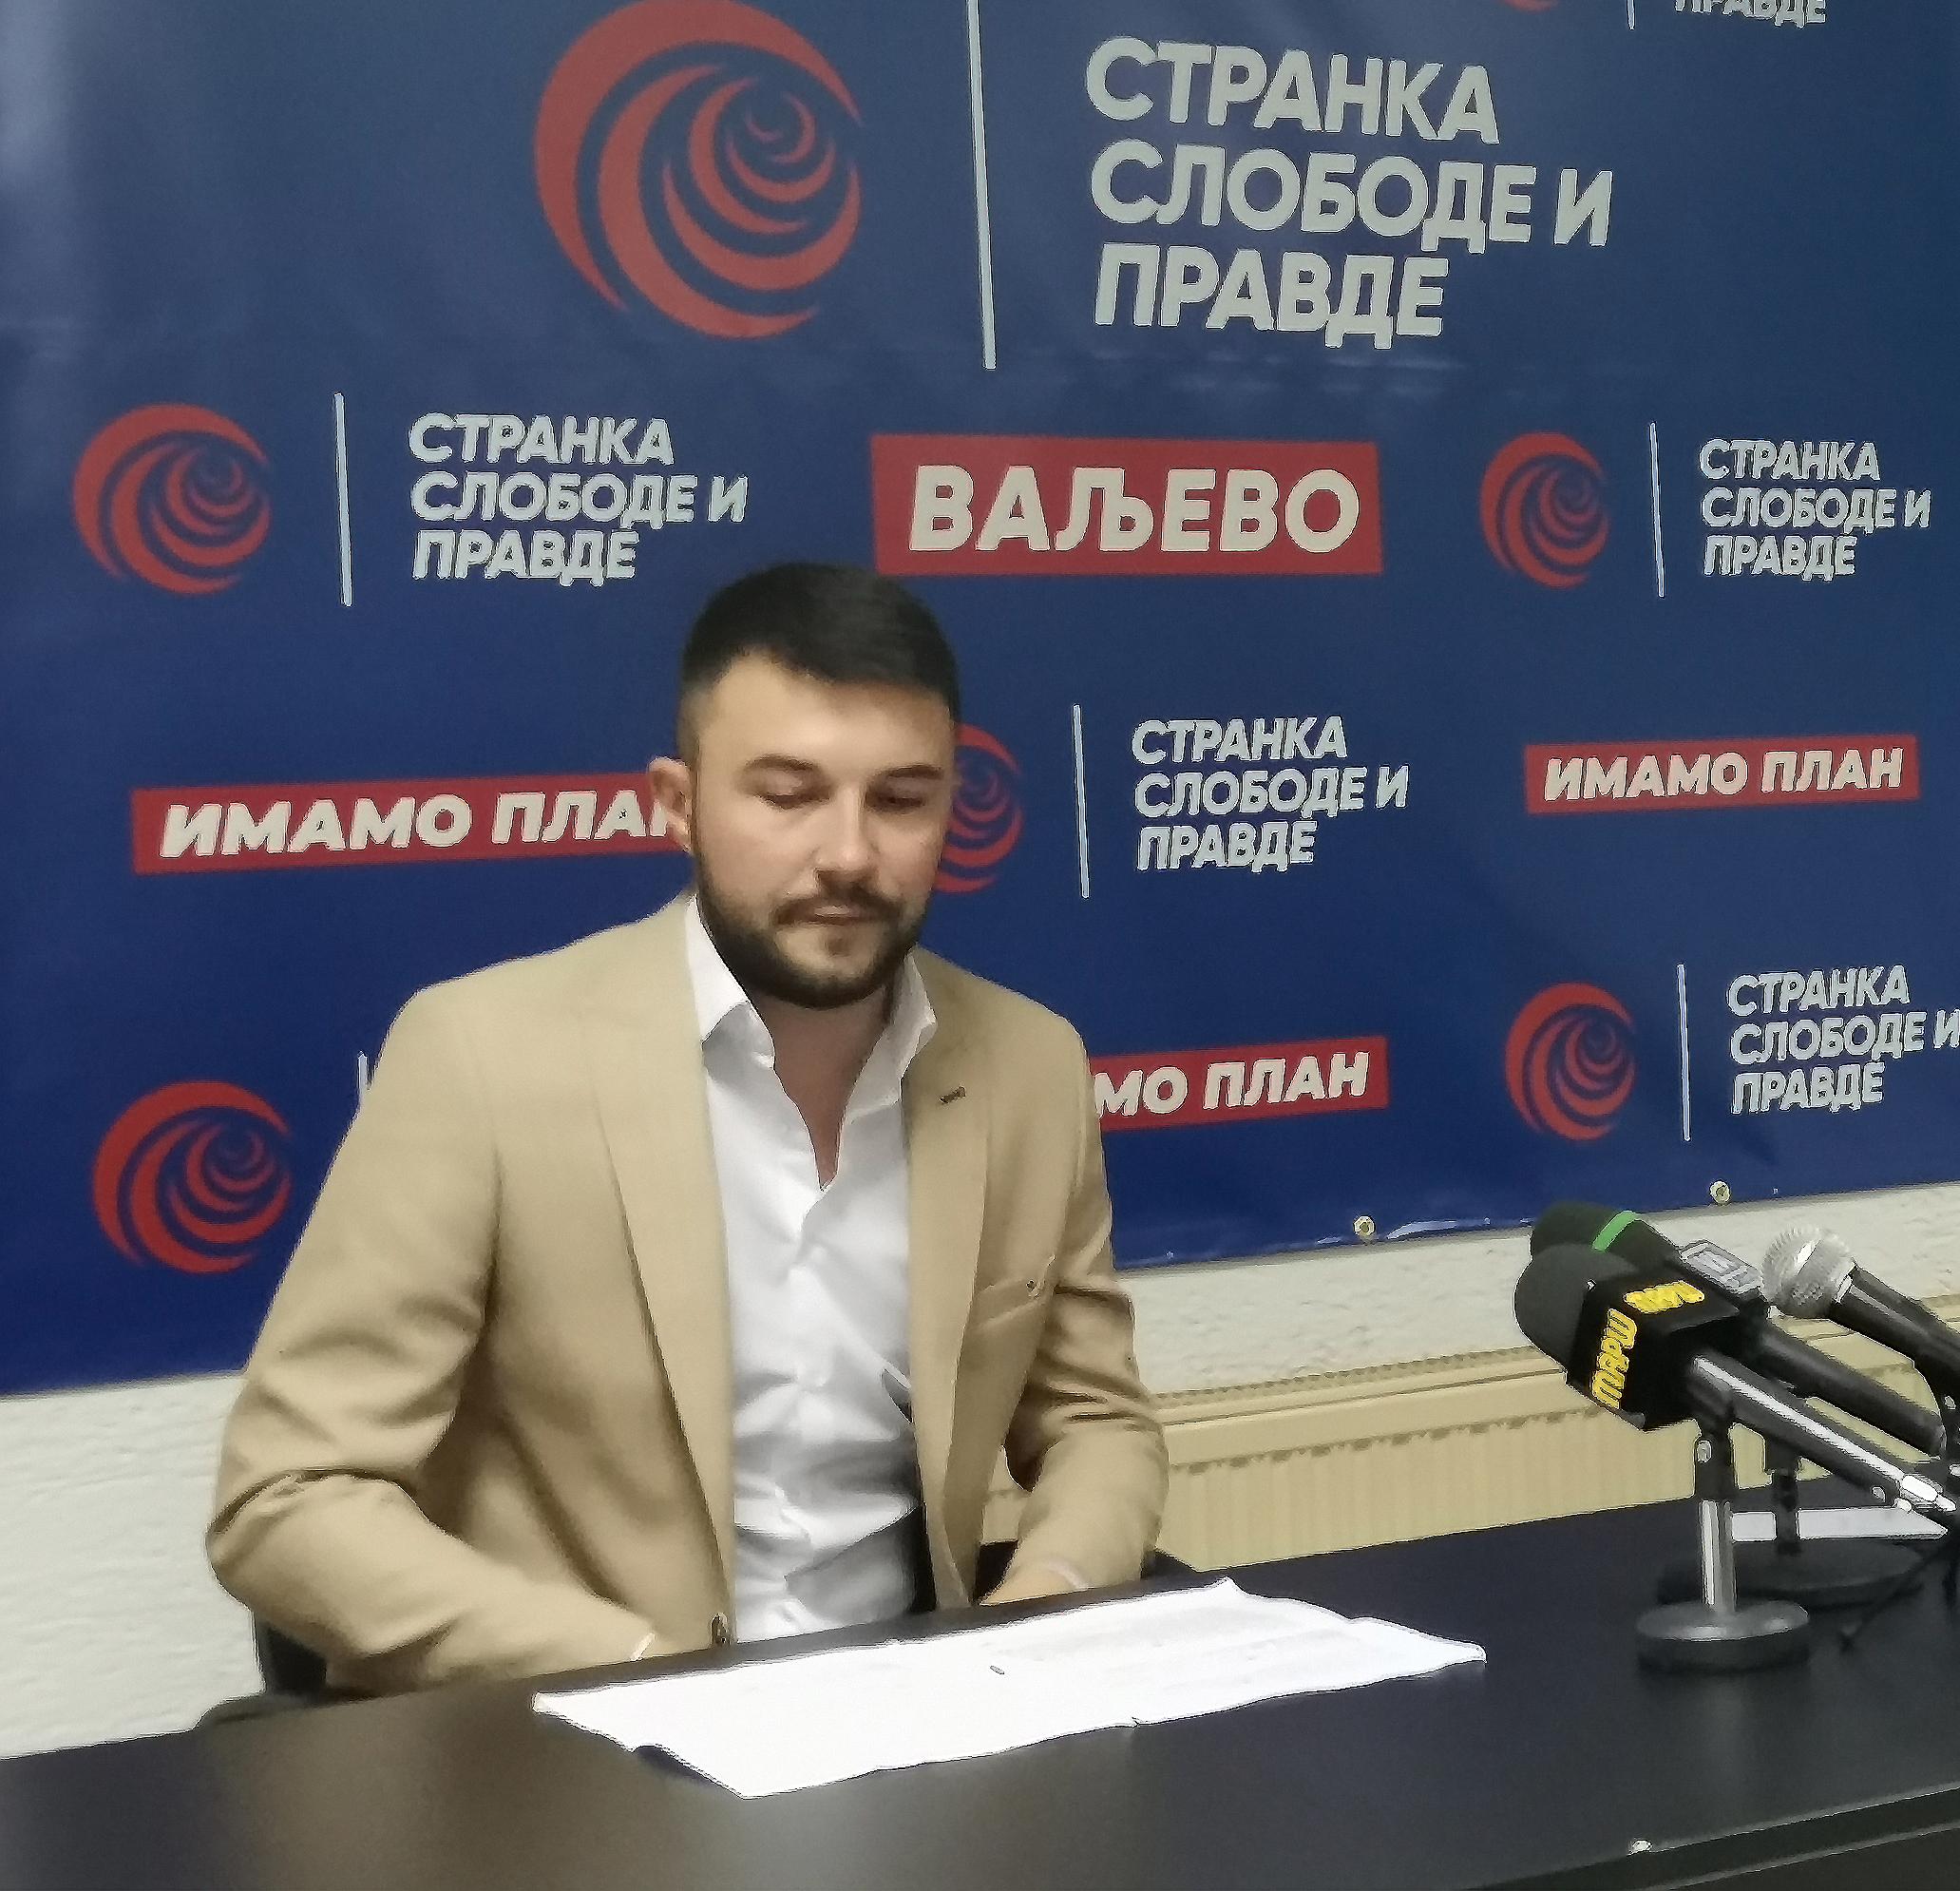 Stefan-Jakovljevic